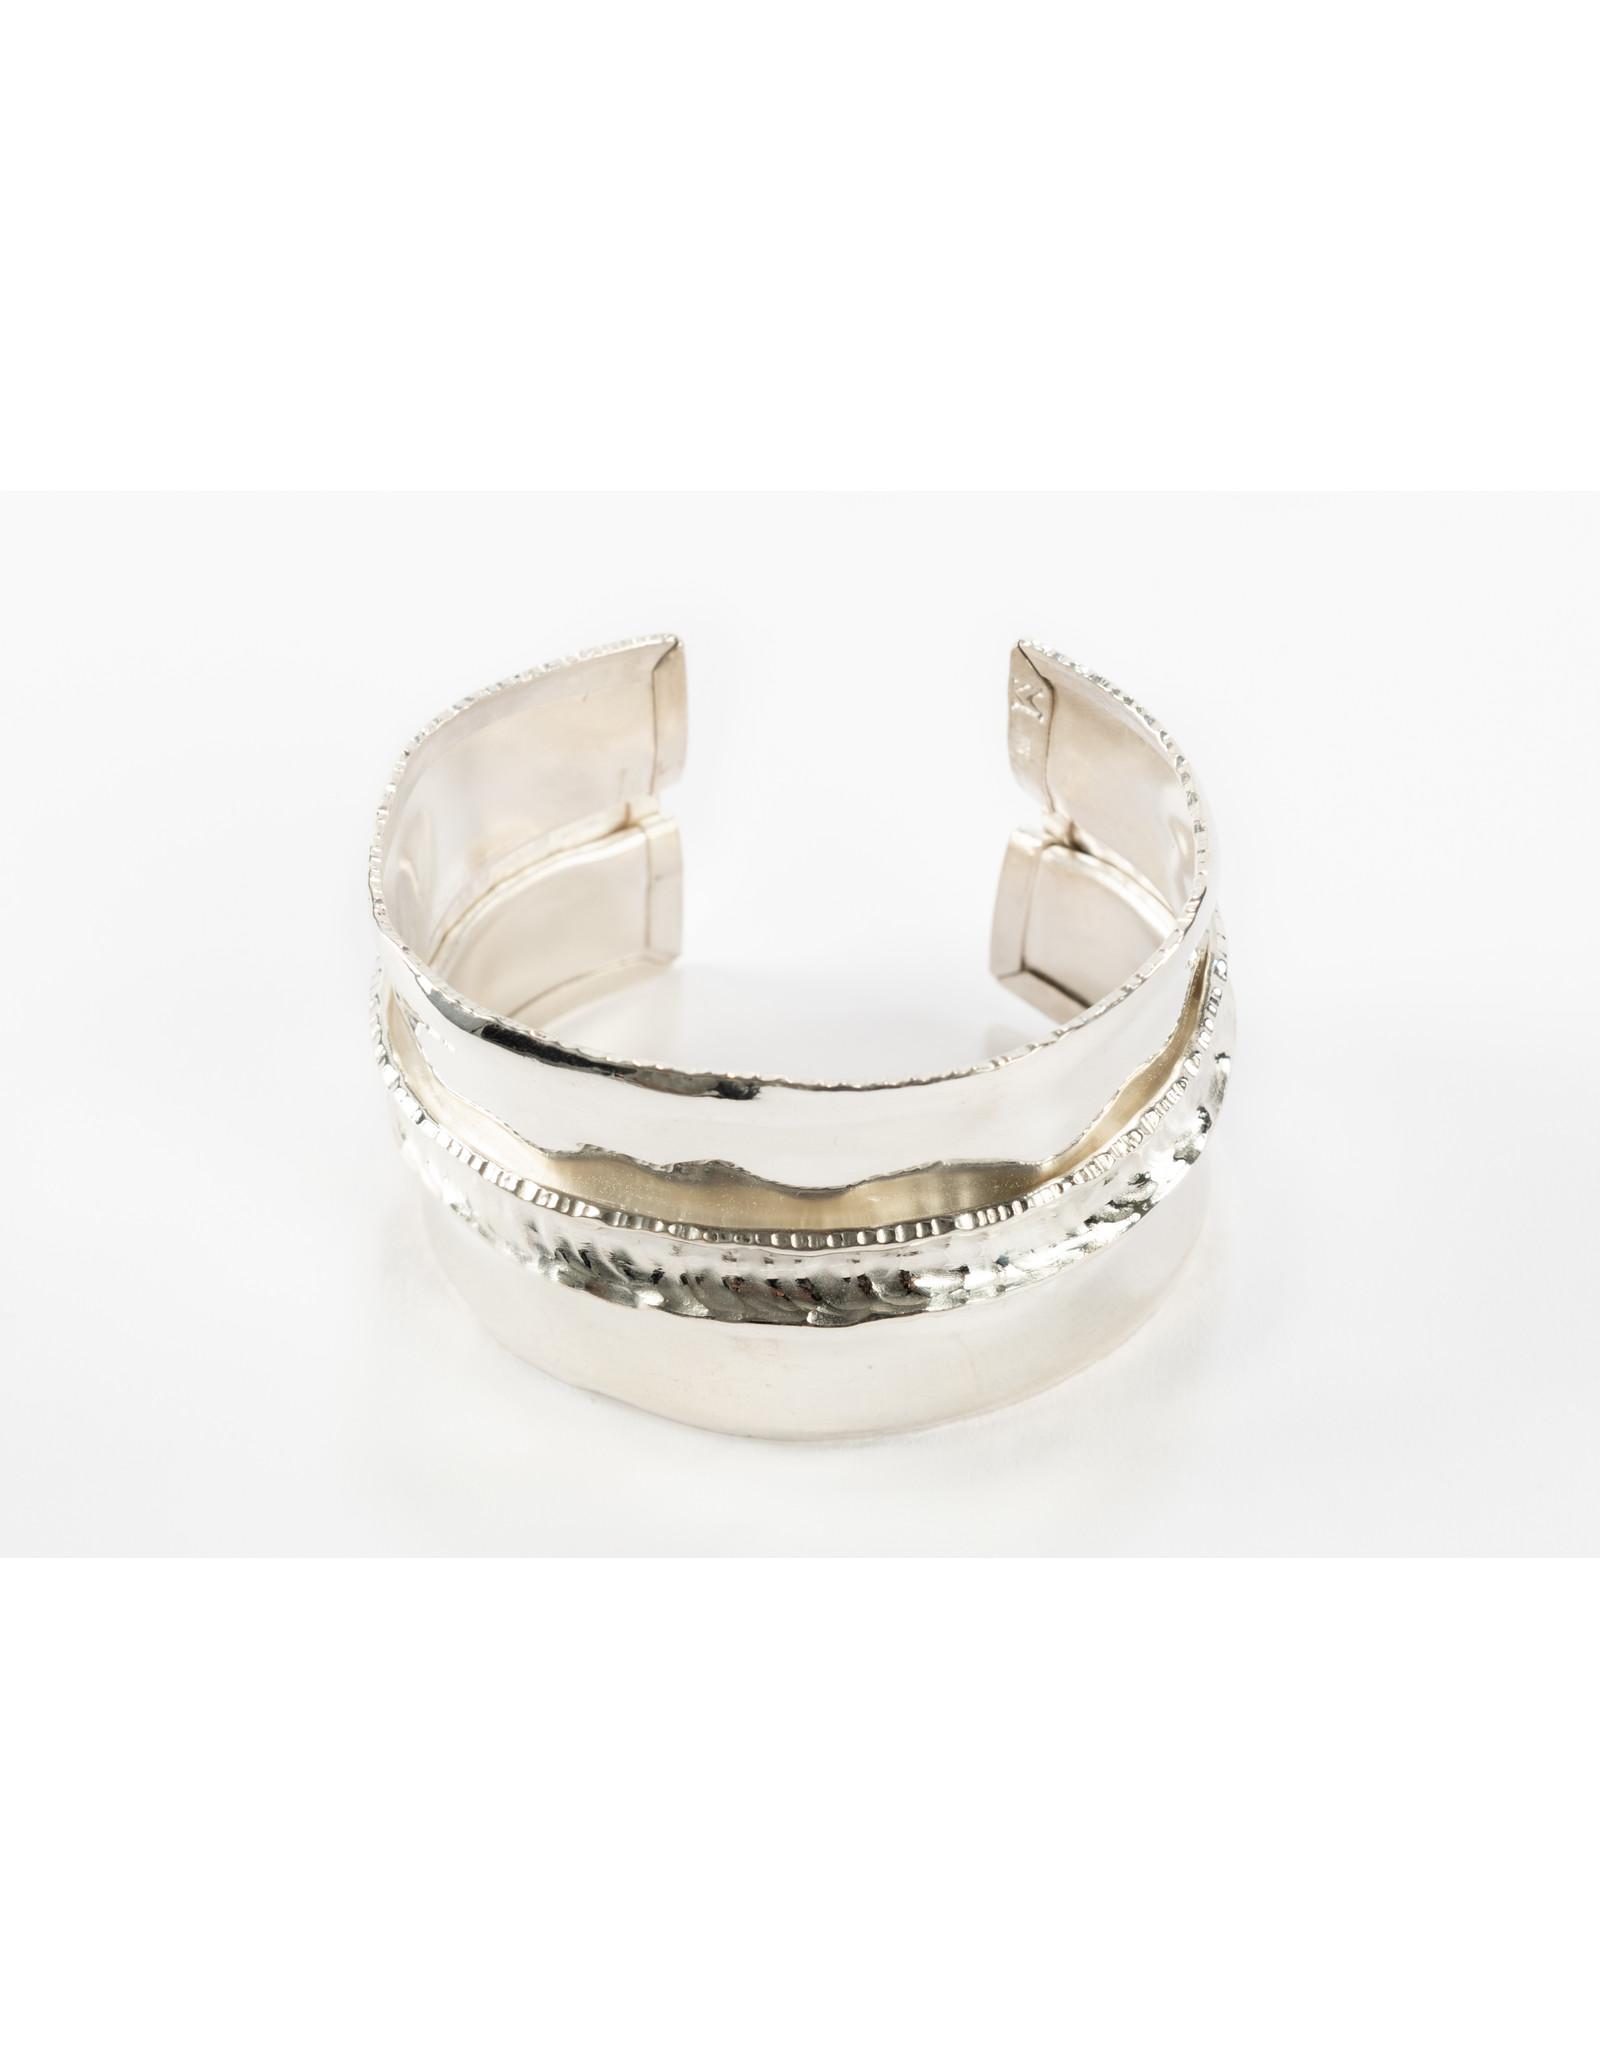 Cuff Bracelet by Karen Wawer